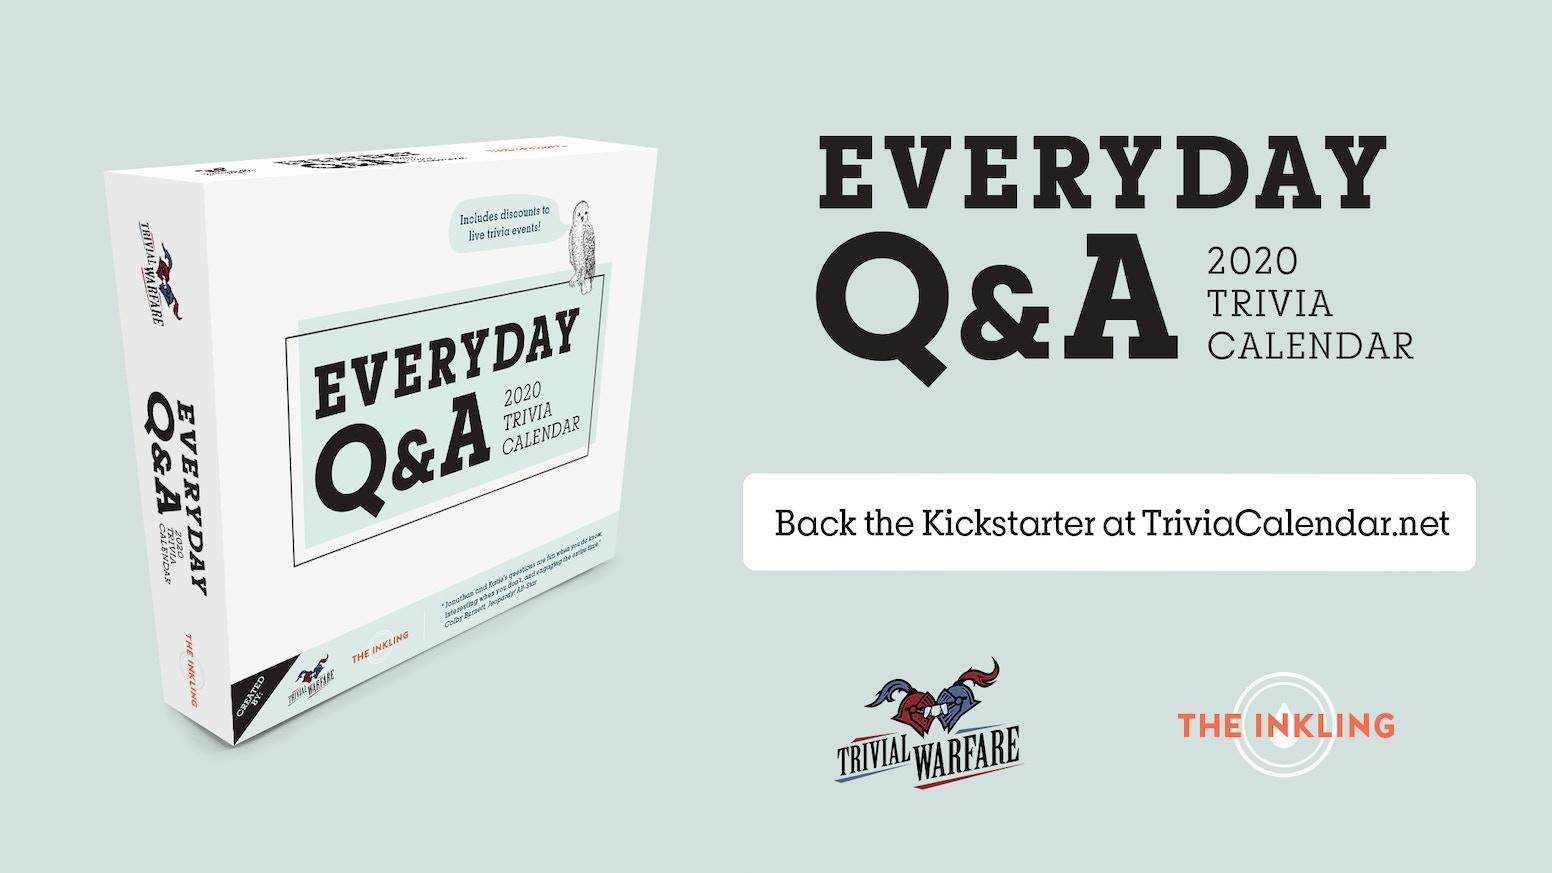 Best Kickstarter Videos 2020 Everyday Q&A 2020 by K. Sekelsky — Kickstarter